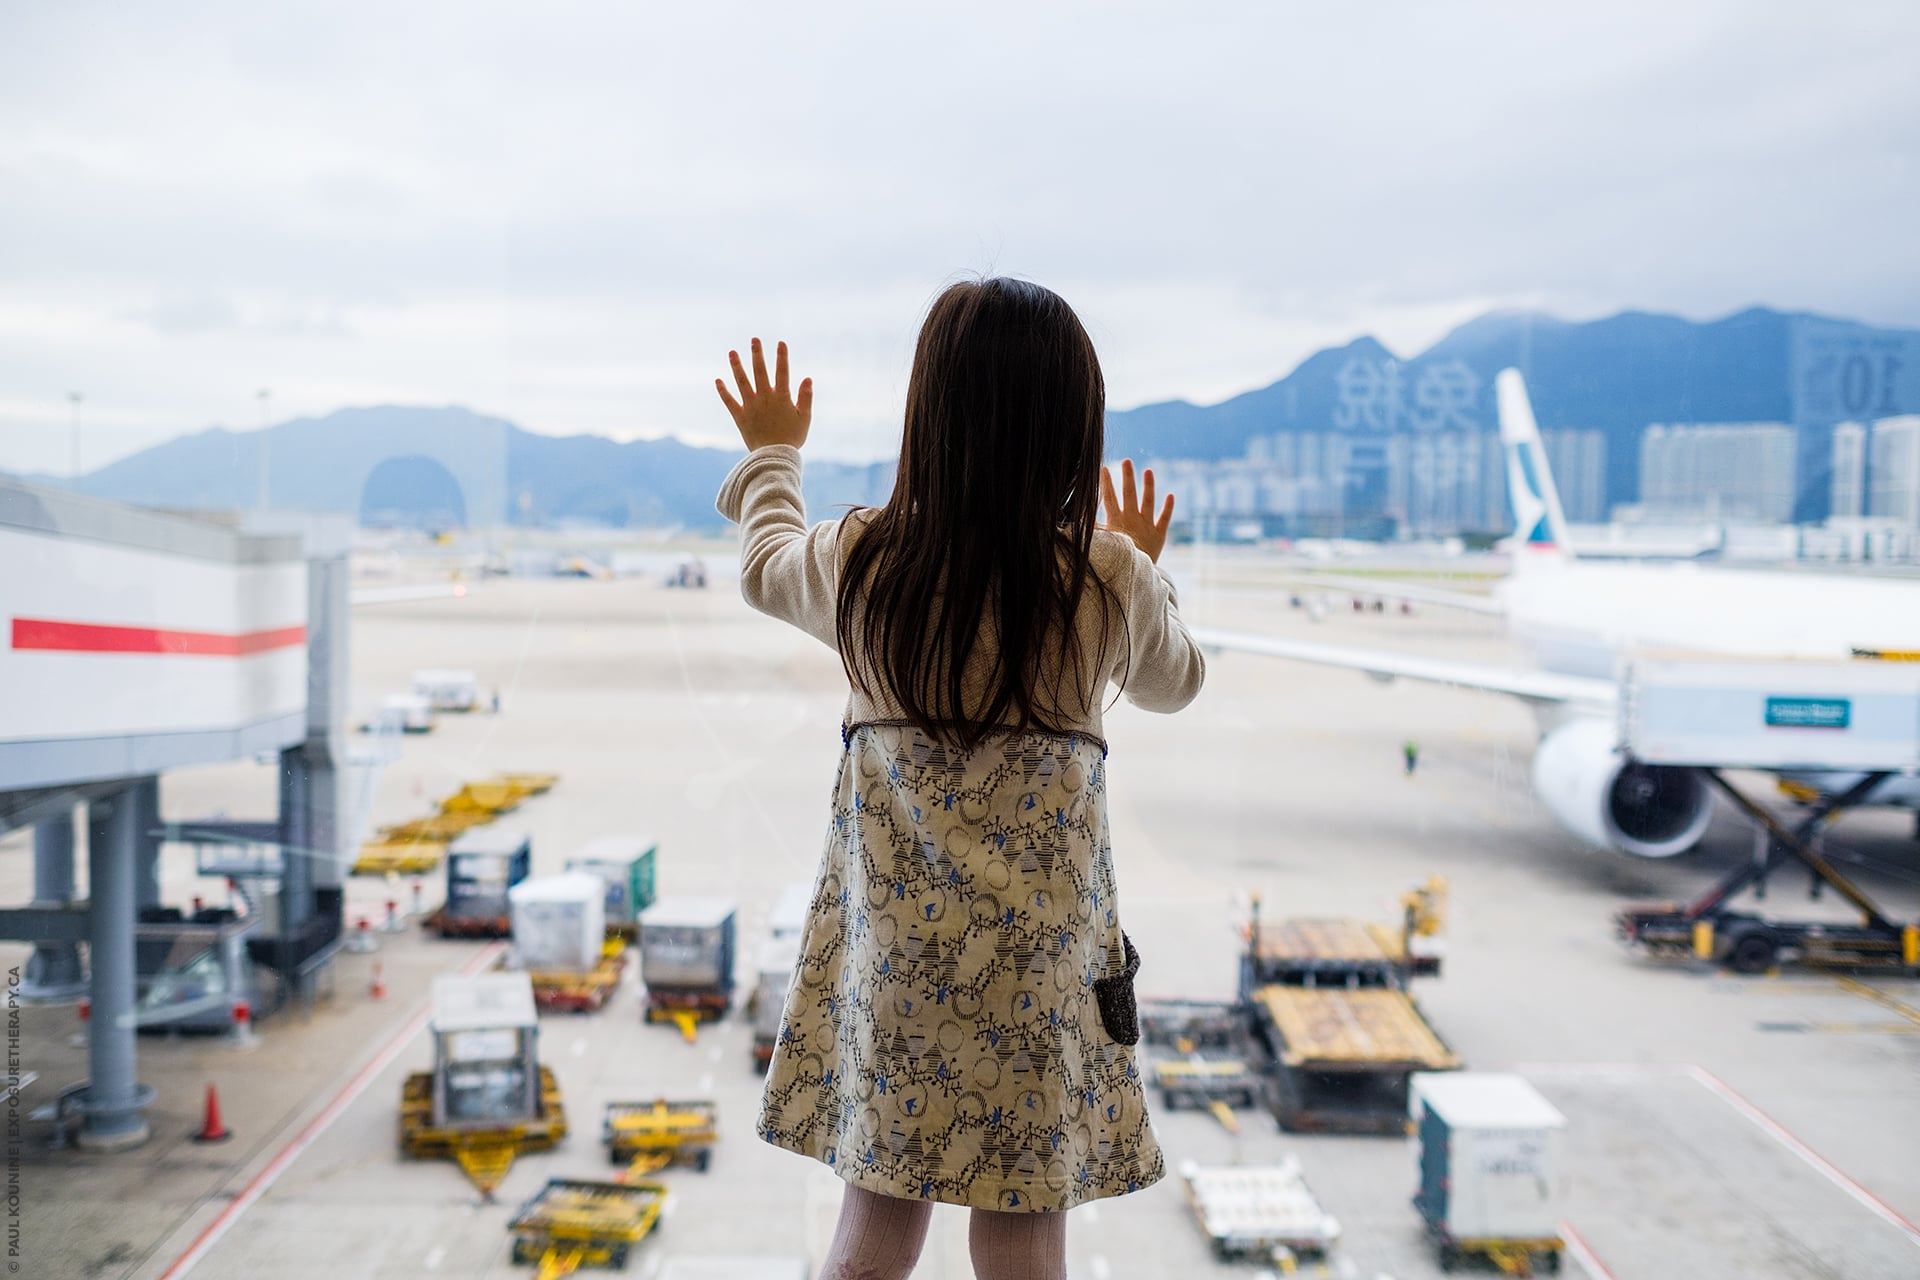 Girl touching window and looking at planes at Hong Kong International Airport.